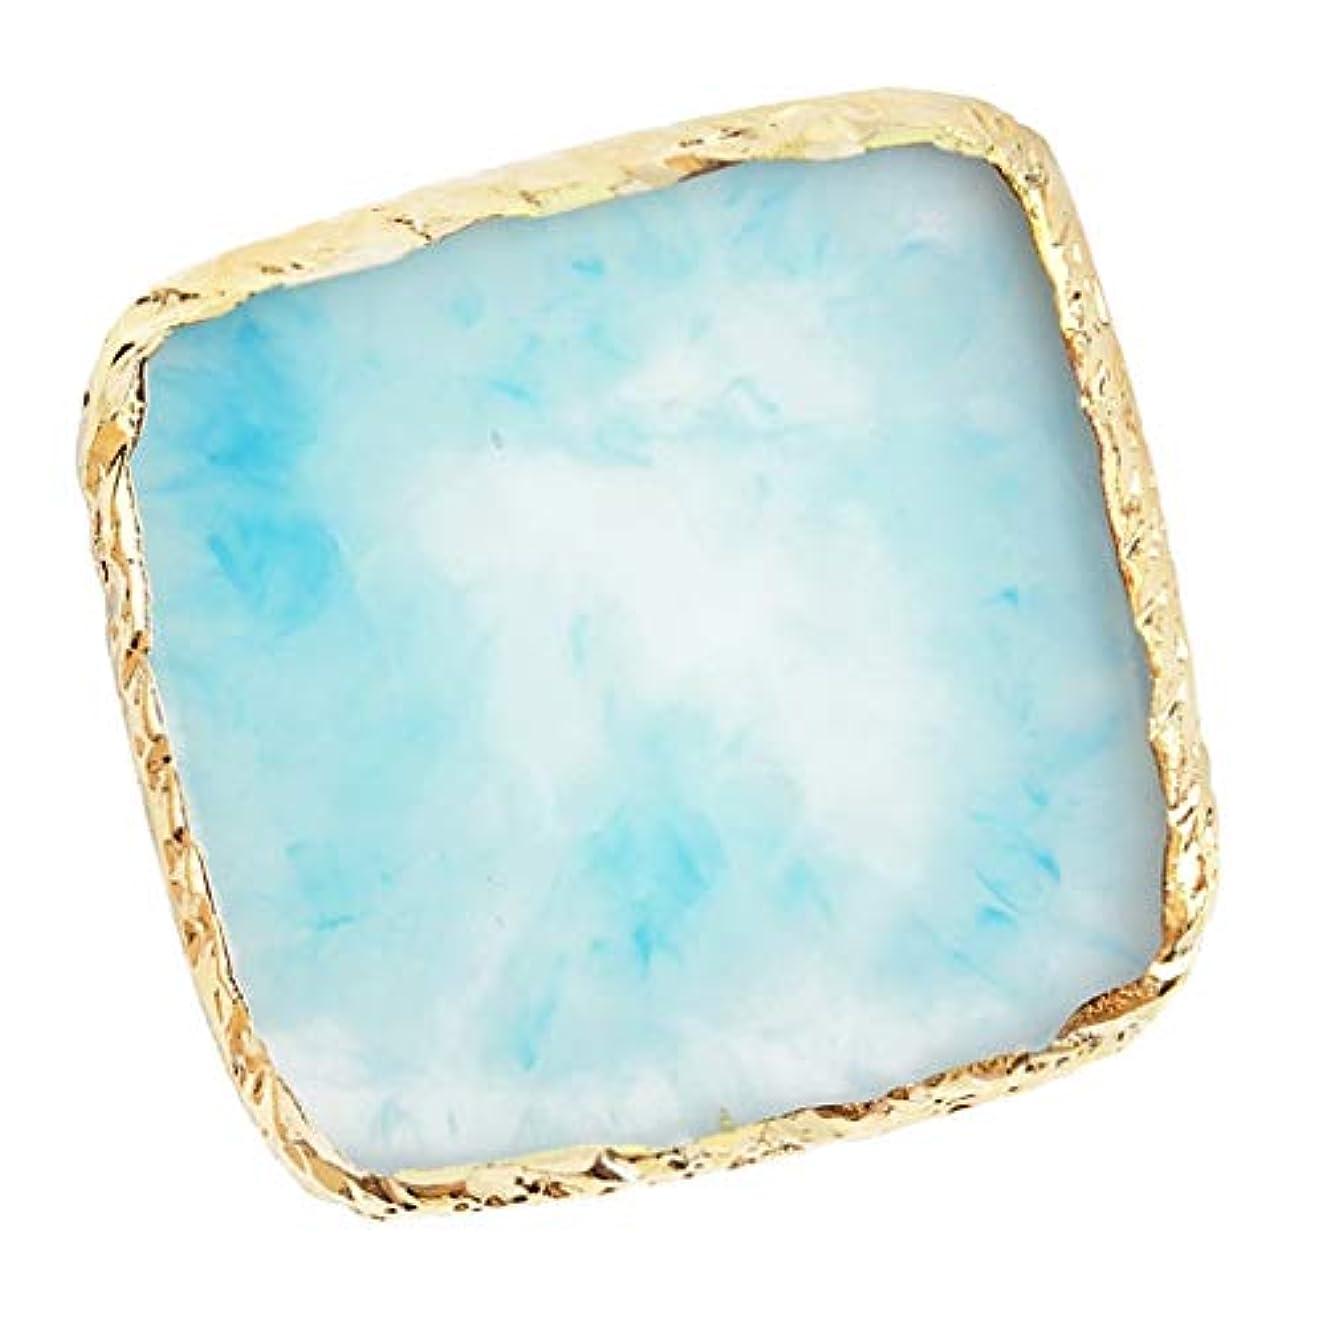 セラーサリー遺体安置所B Baosity ネイルアート イング カラー パレット ミキシングパレット 6色選べ - 青